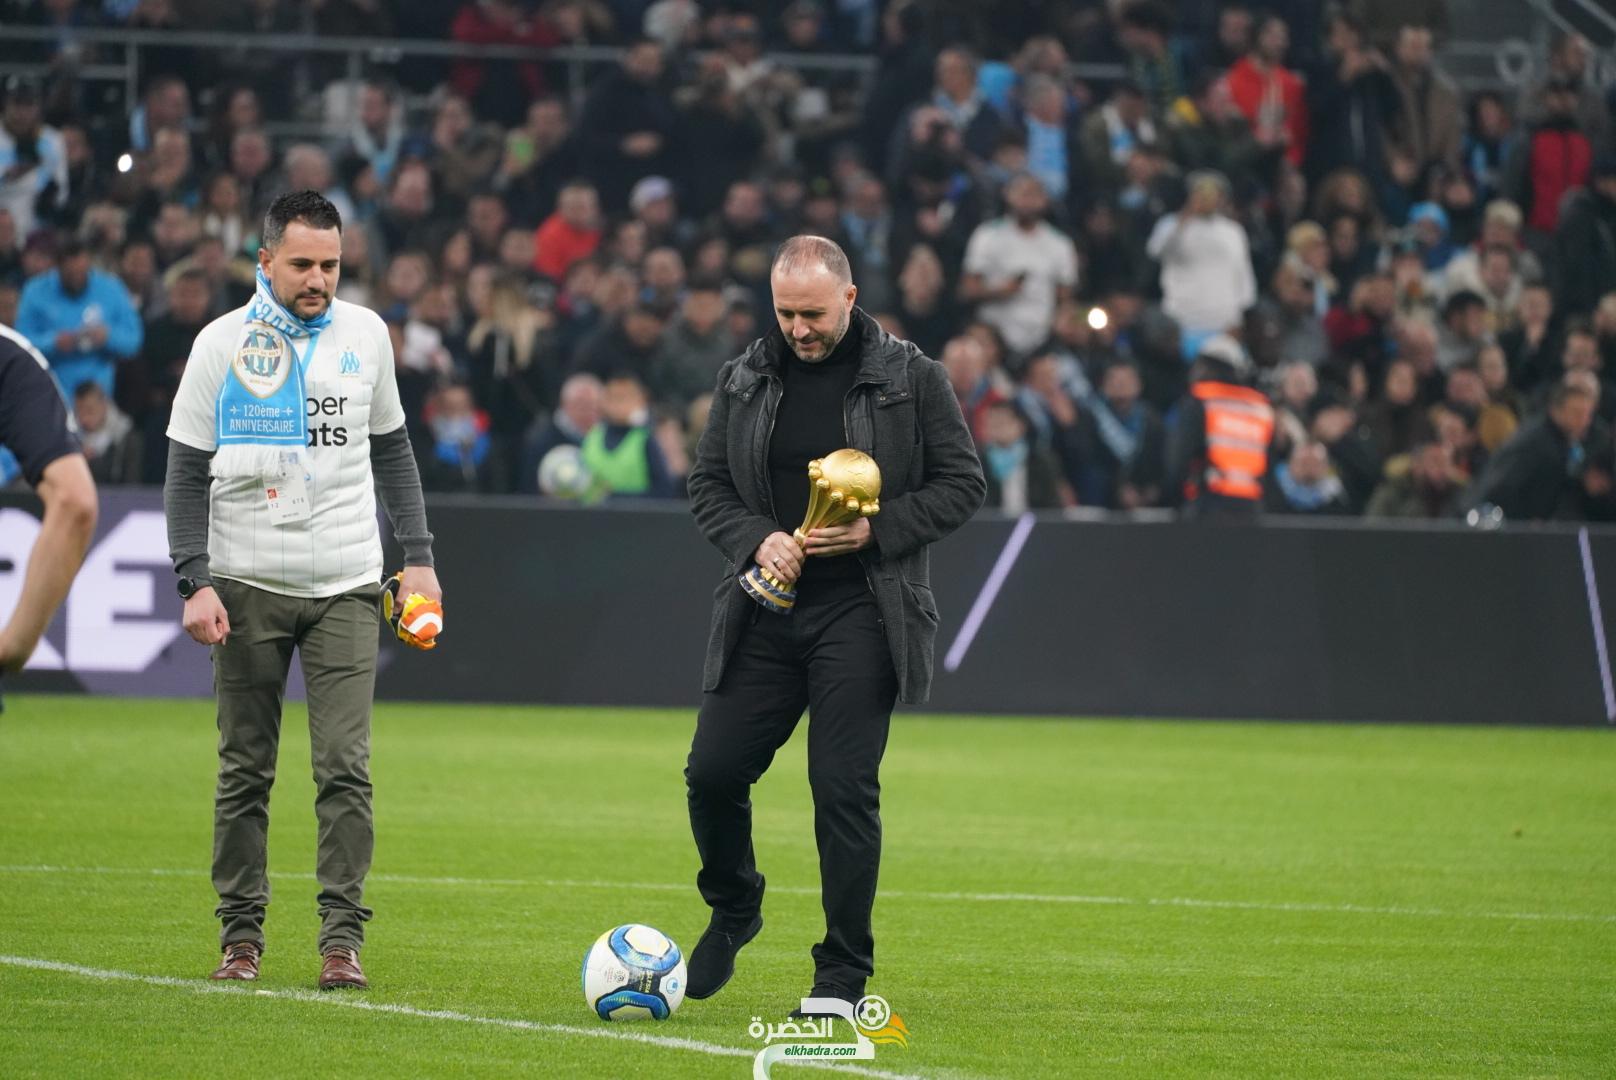 جمال بلماضي يعطي ضربة البداية في مباراة مرسيليا و بوردو 27